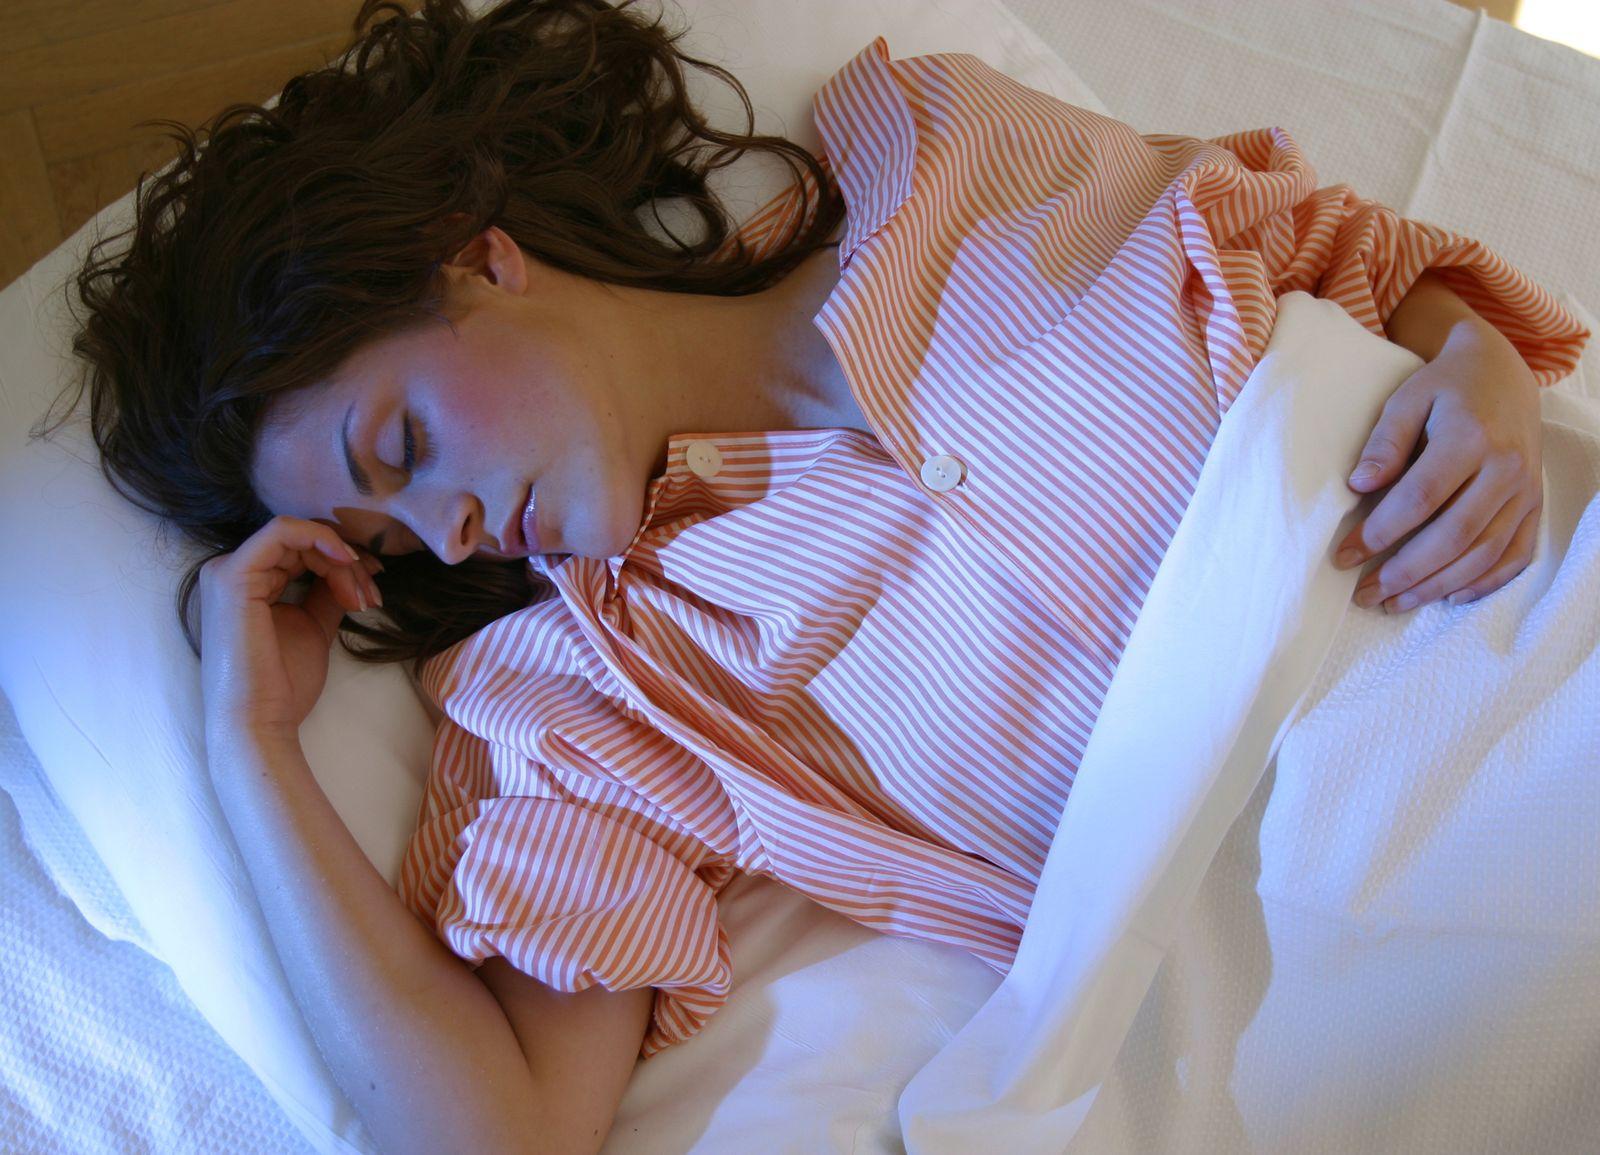 SYMBOLBILD Schlaf / Erholung